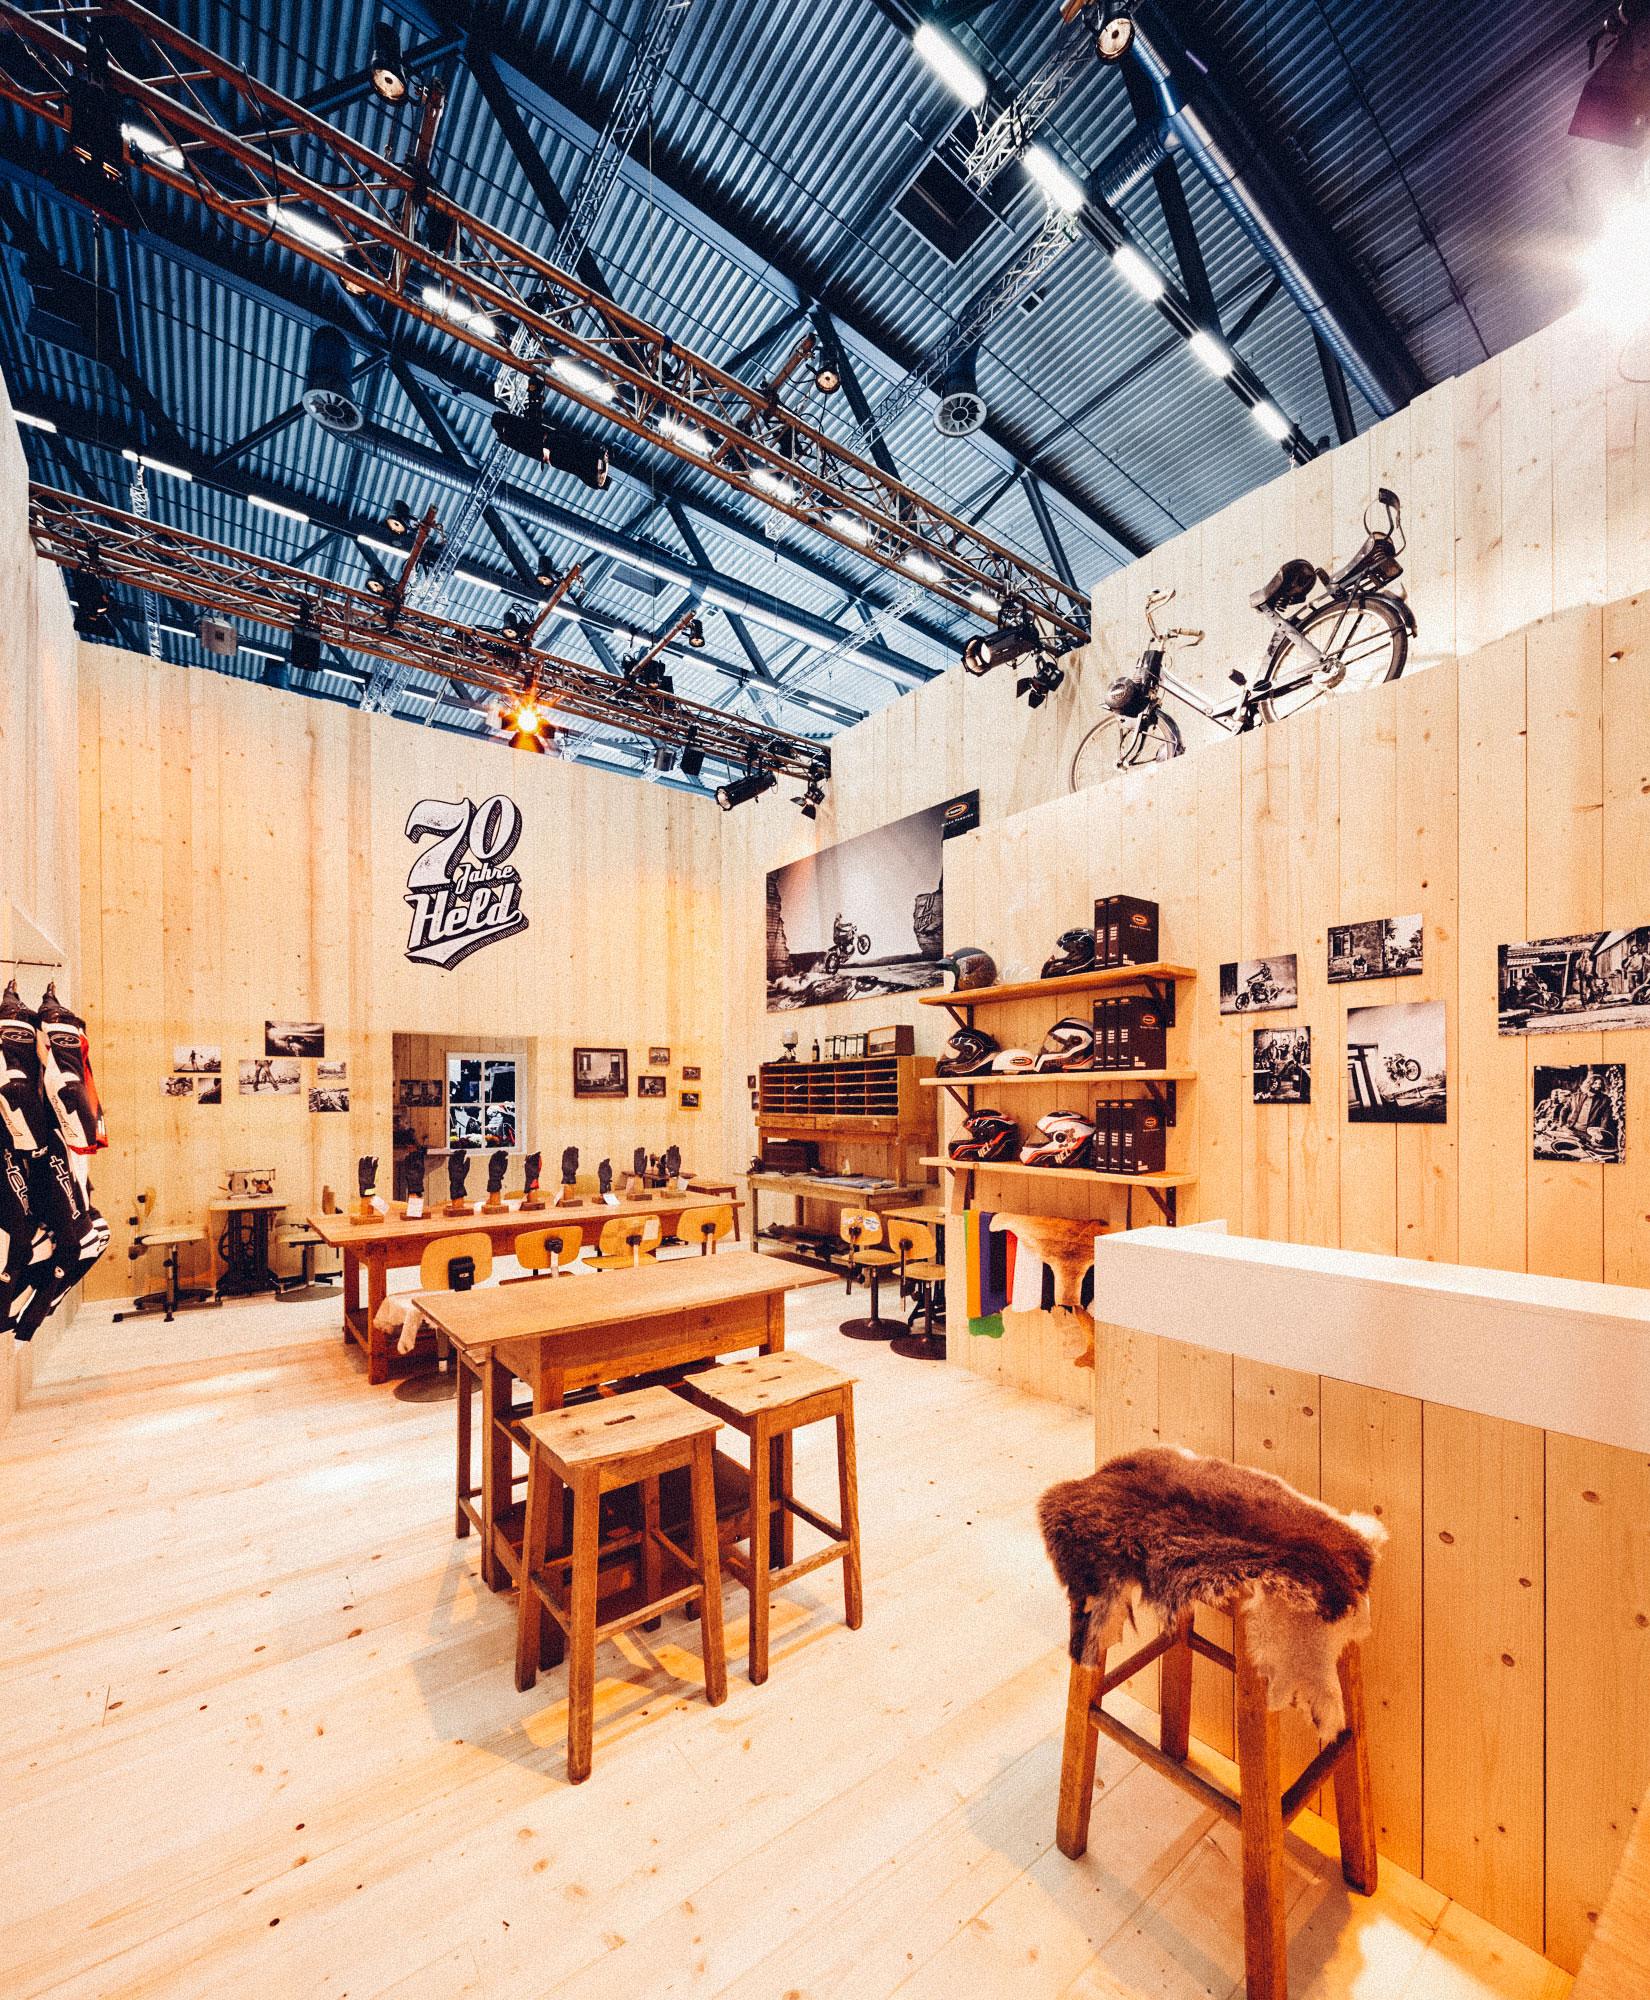 Ein Foto des Besprechungsraumes des 70-Jahre-Held-Messestandes. Alles ist im Stil einer Berghütte gehalten, im Vordergrund die Bar, im Hintergrund ein Schreibtisch mit den aktuellen HELD-Motorrad-Handschuhen. Konzept und Design sind von MAJORMAJOR.